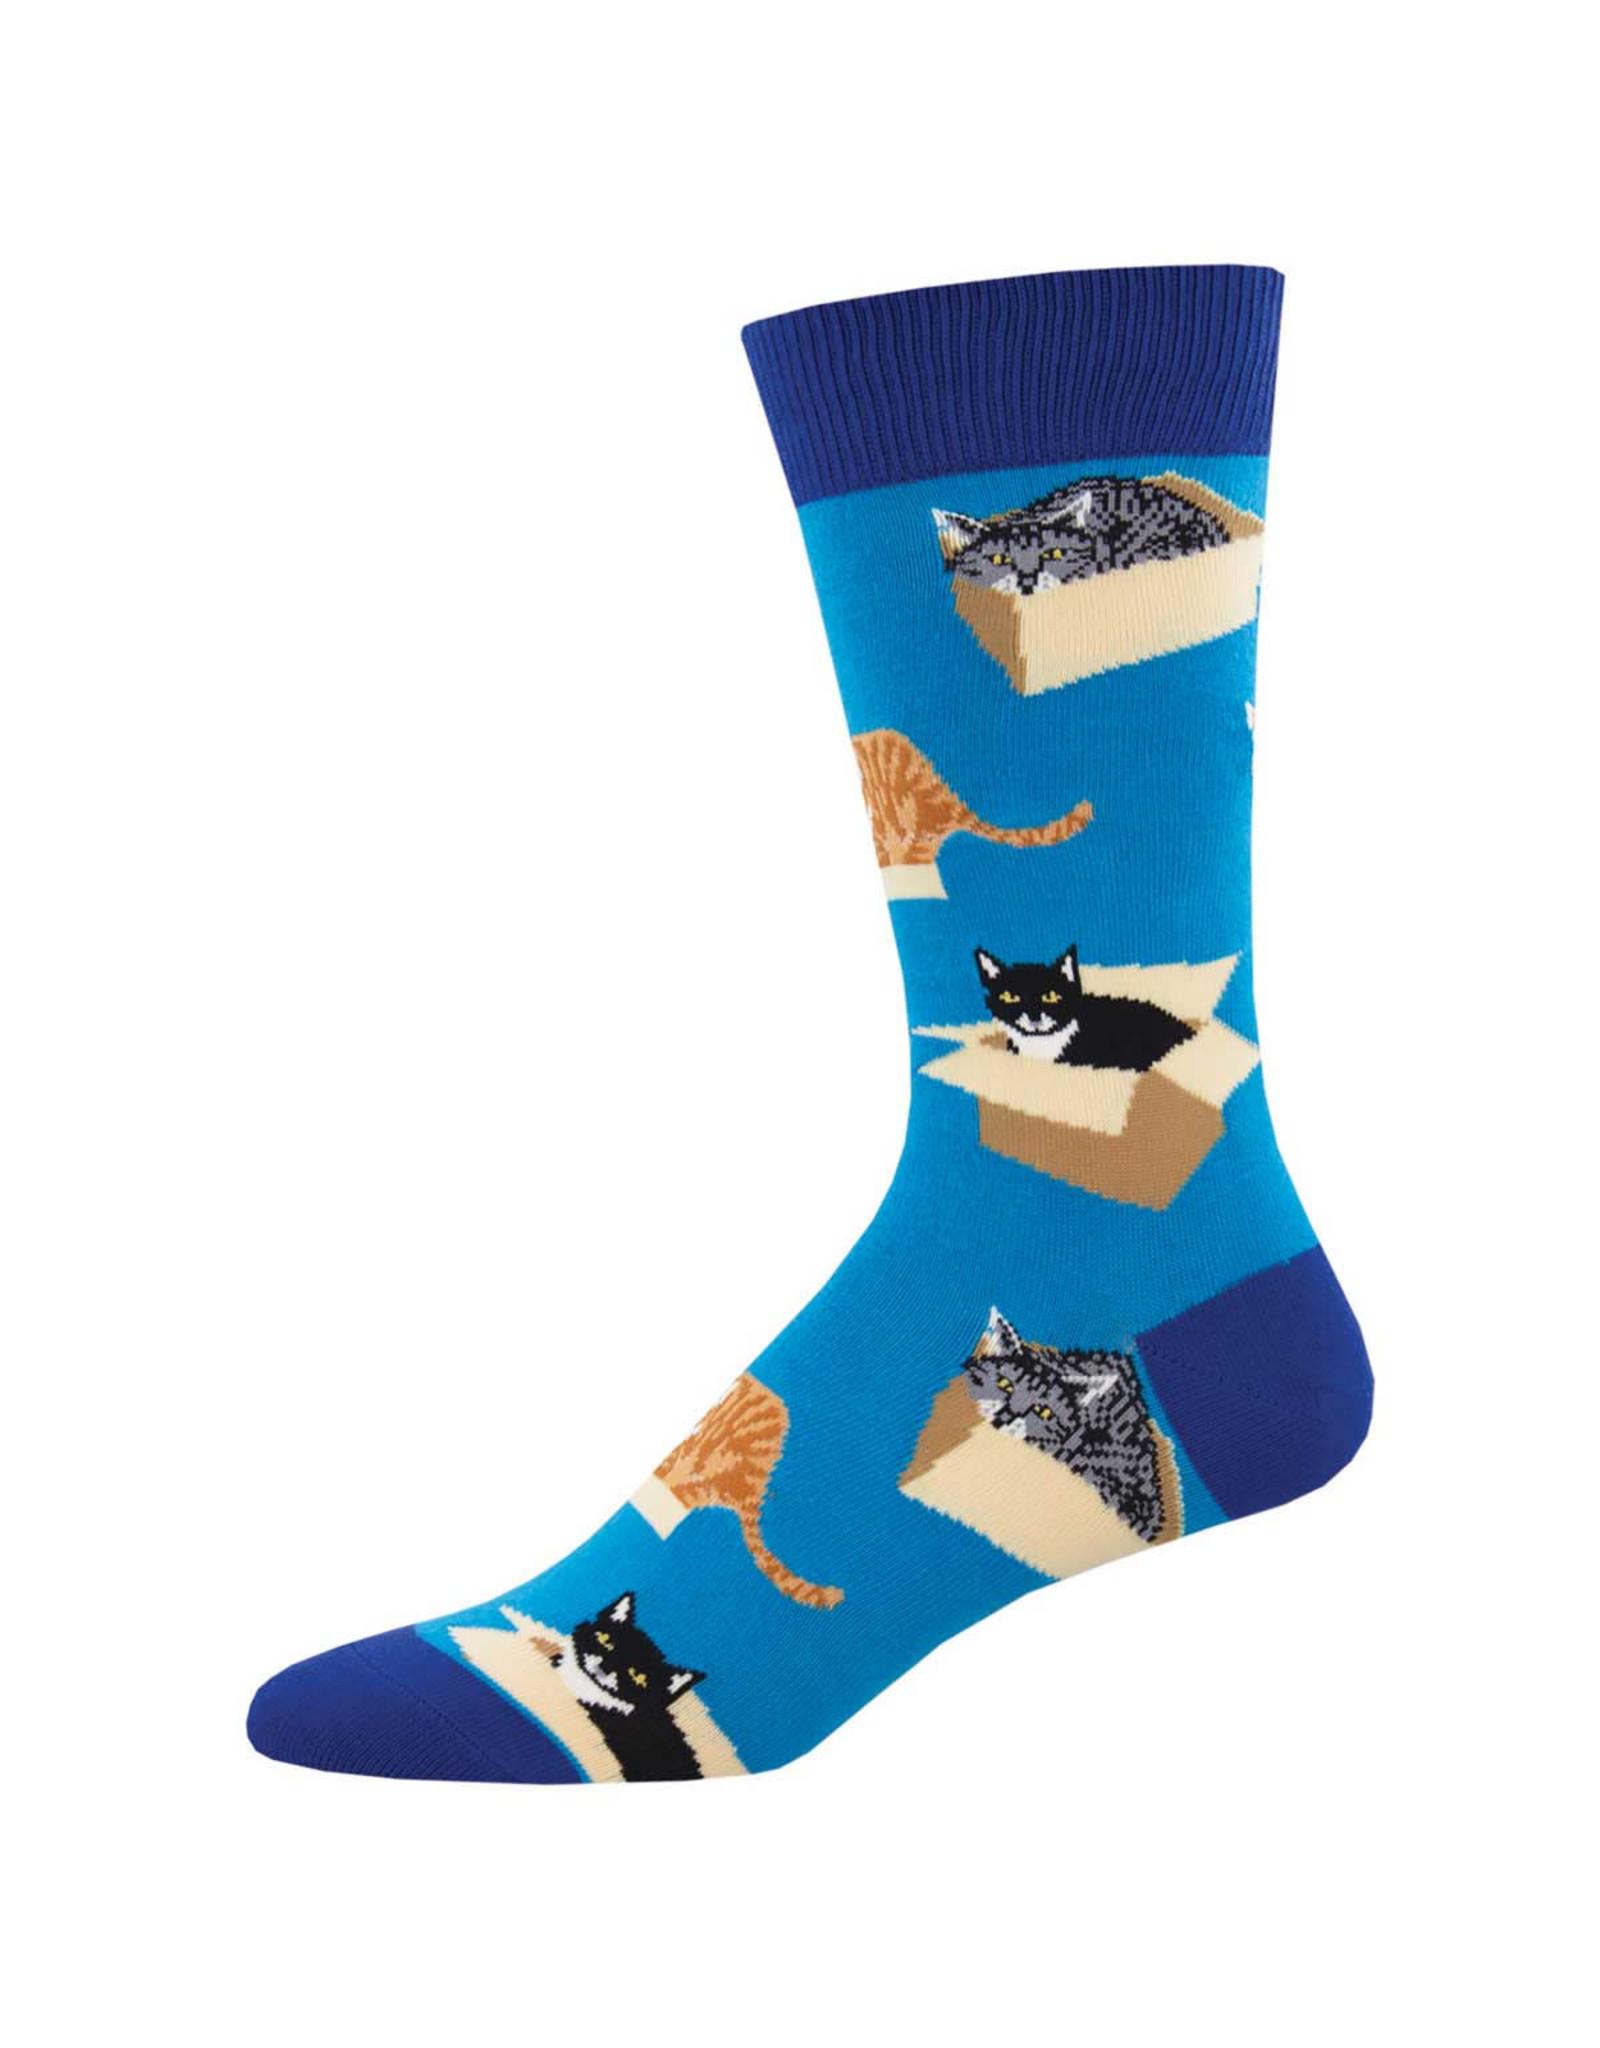 Socksmith Design Cat in a Box Blue 10-13 Men's Crew Socks MNC2256-BLU